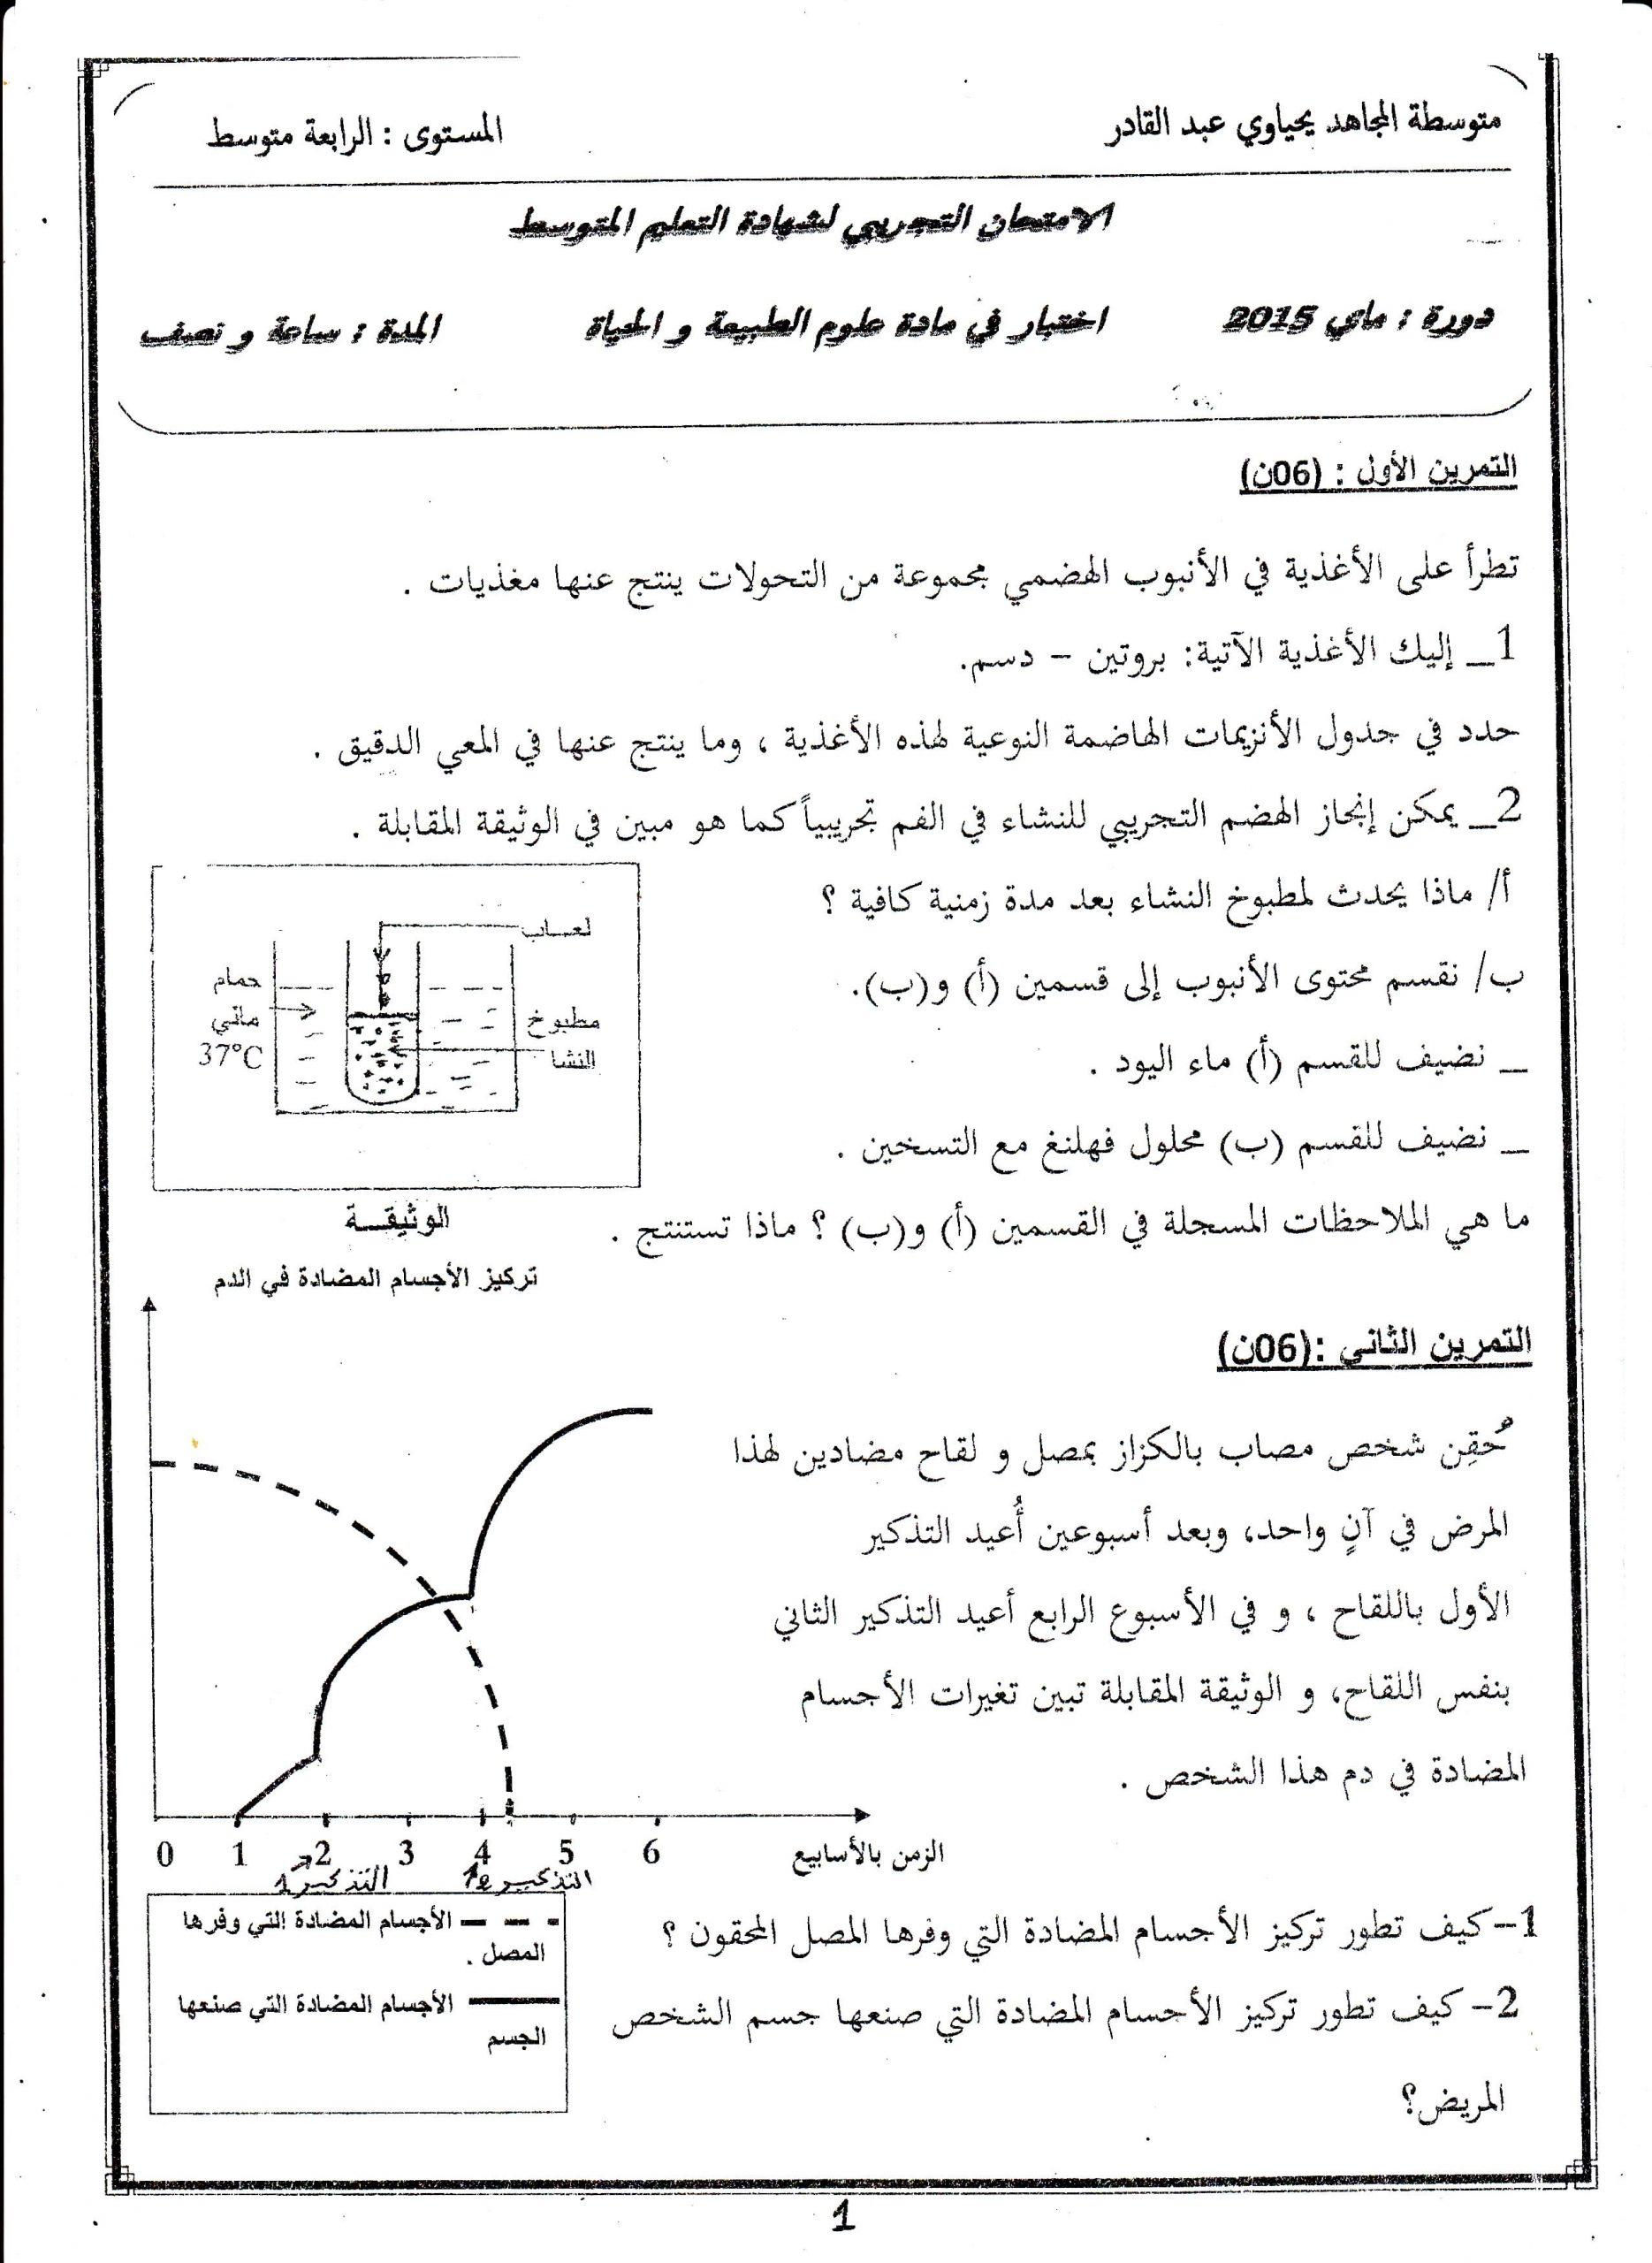 اختبار الفصل الثالث في العلوم الطبيعية السنة الرابعة متوسط | الموضوع 01